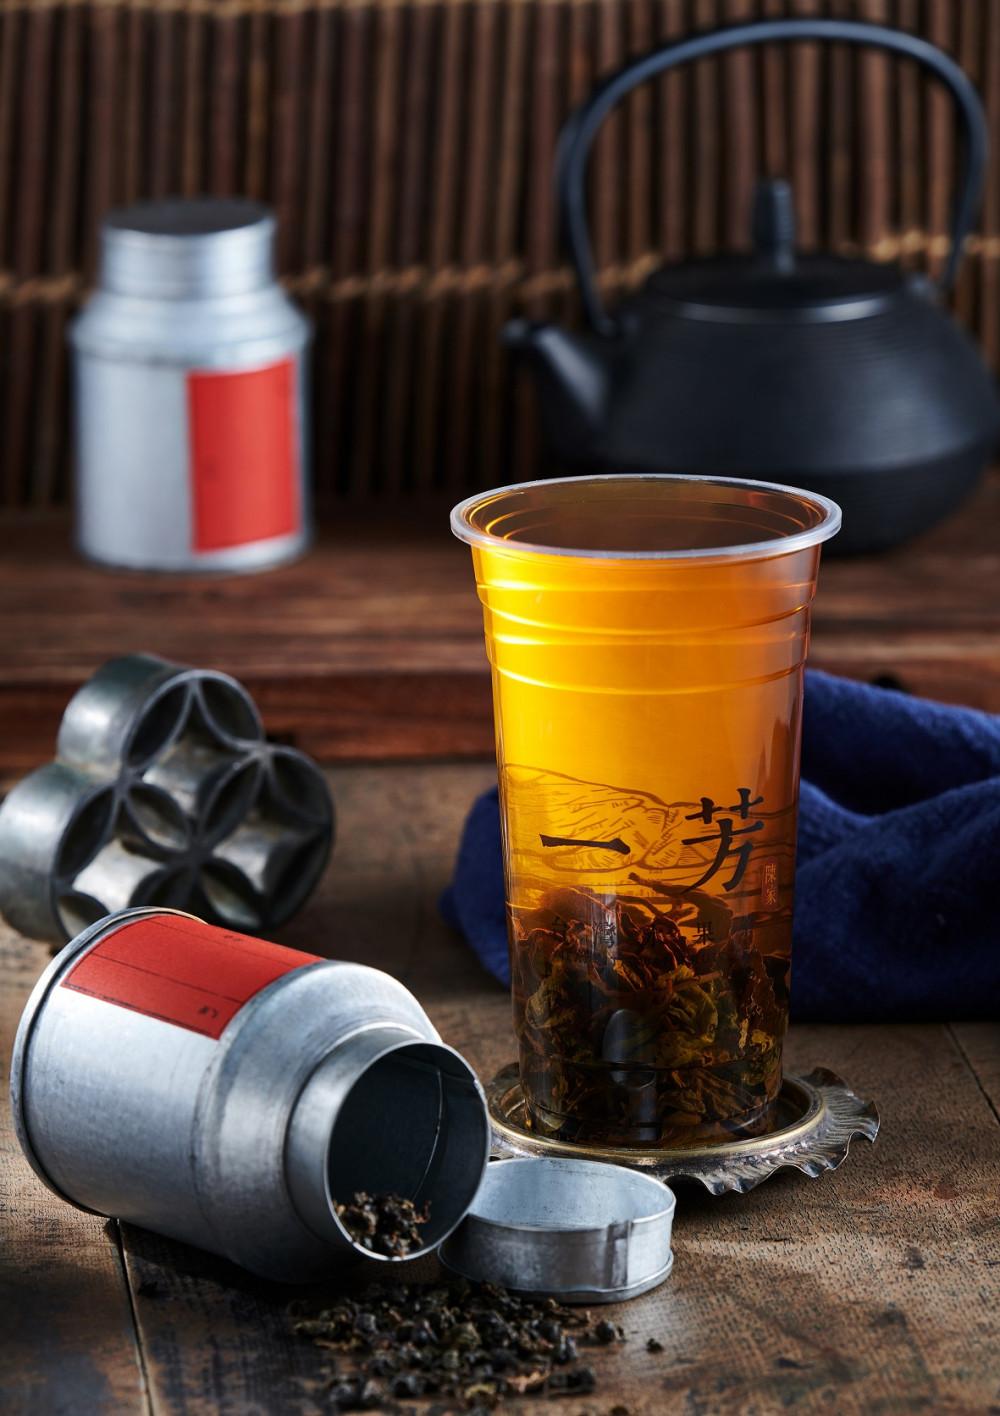 金鳳茶2(一芳水果茶)S